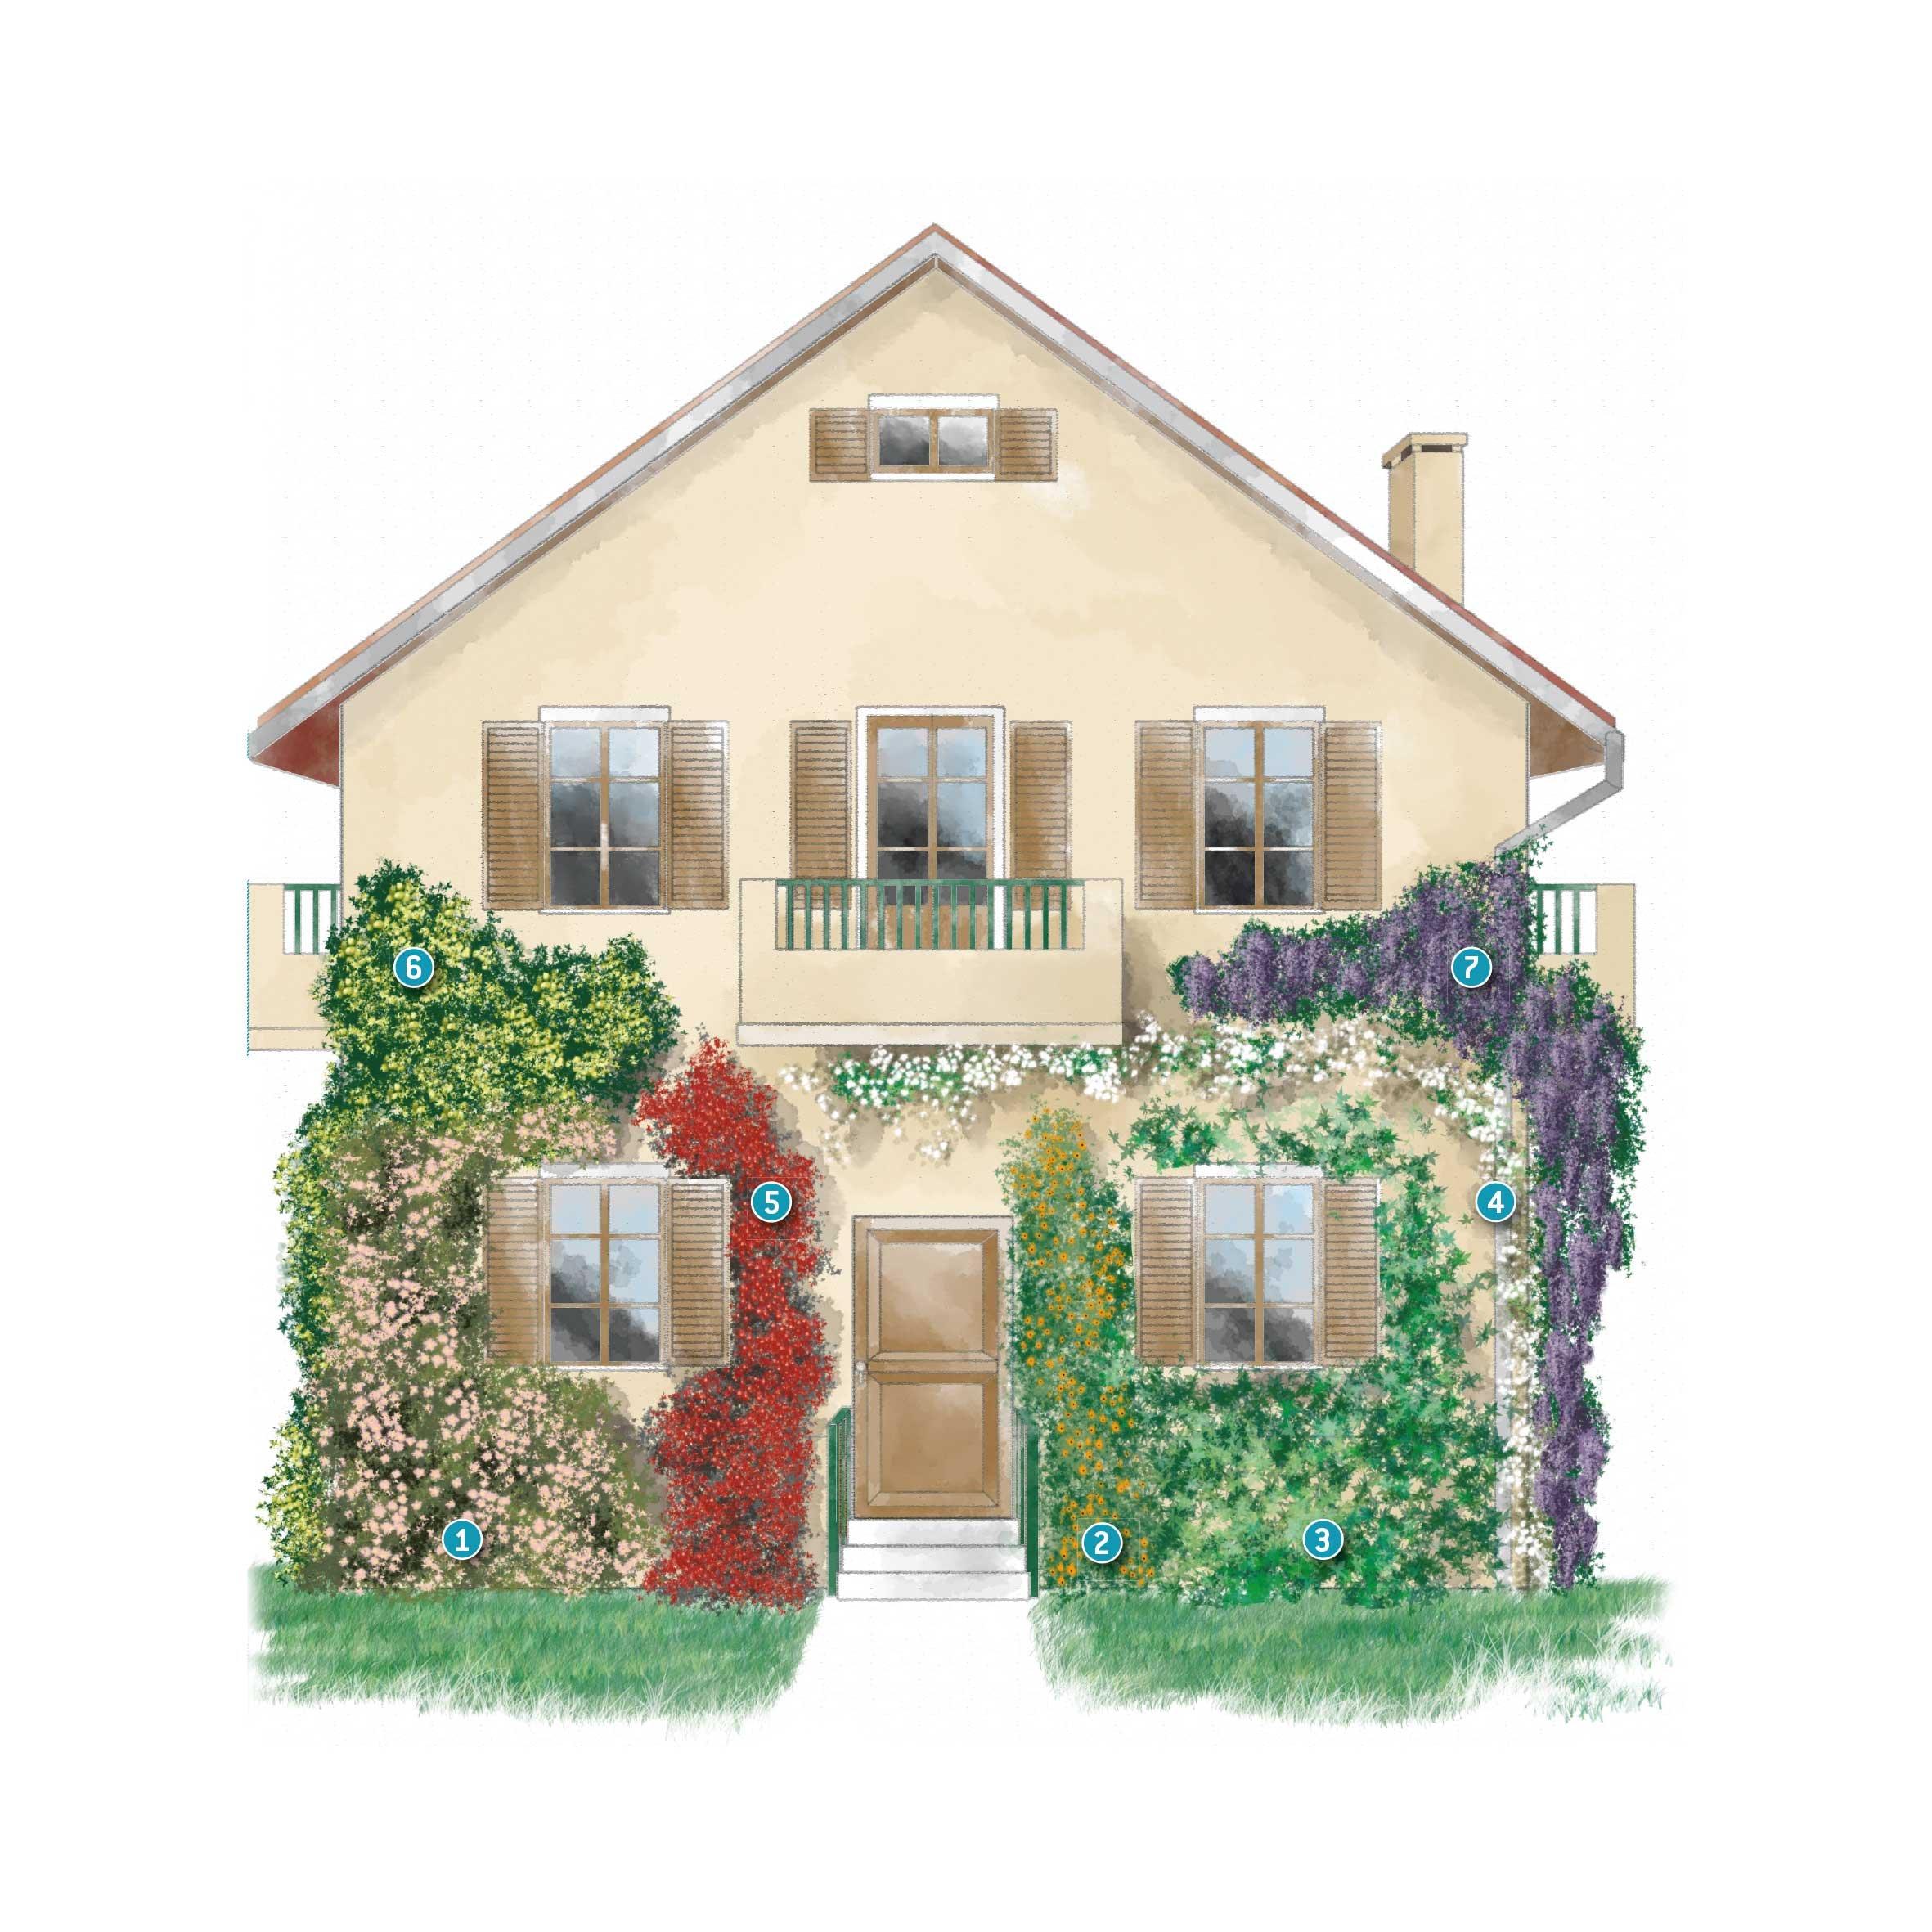 Rinnovare la facciata della casa con le piante rampicanti - Facciata di una casa ...